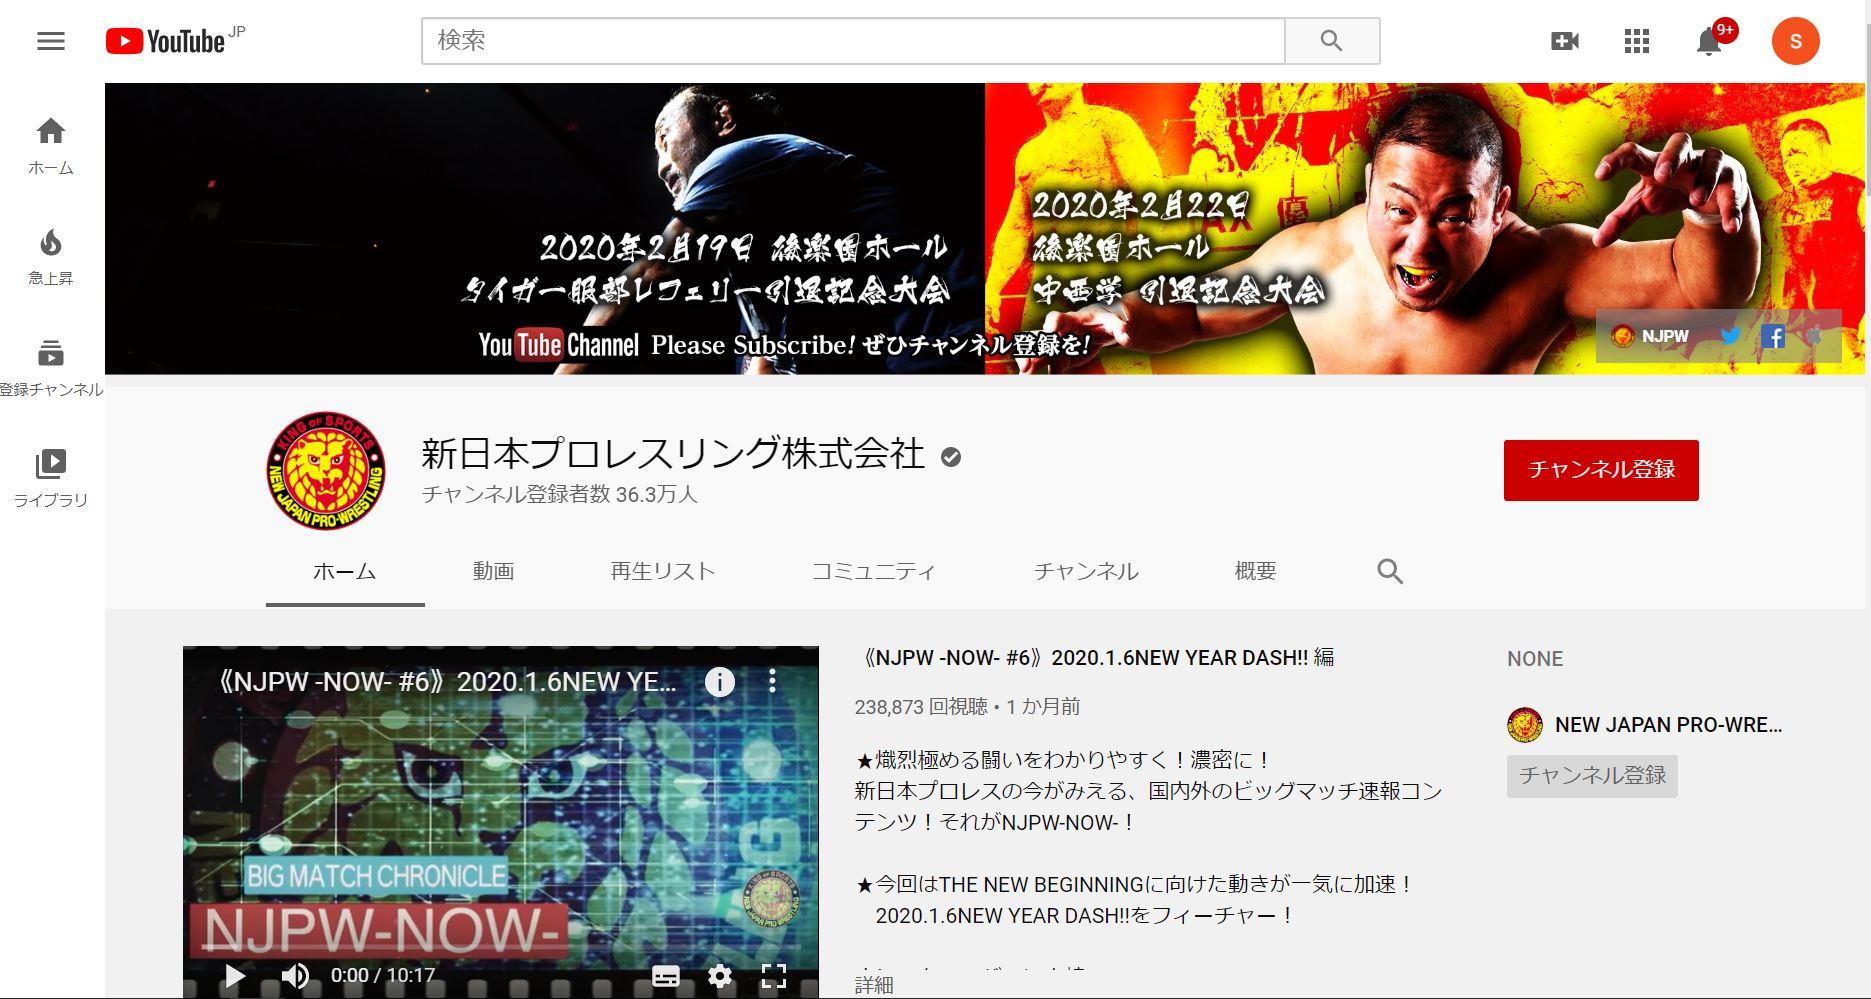 新日本プロレスリングのYouTubeチャンネル。36万人がチャンネル登録(2020年2月現在)するなど人気が高い(画像は新日本プロレスリングのYouTubeチャンネルより)